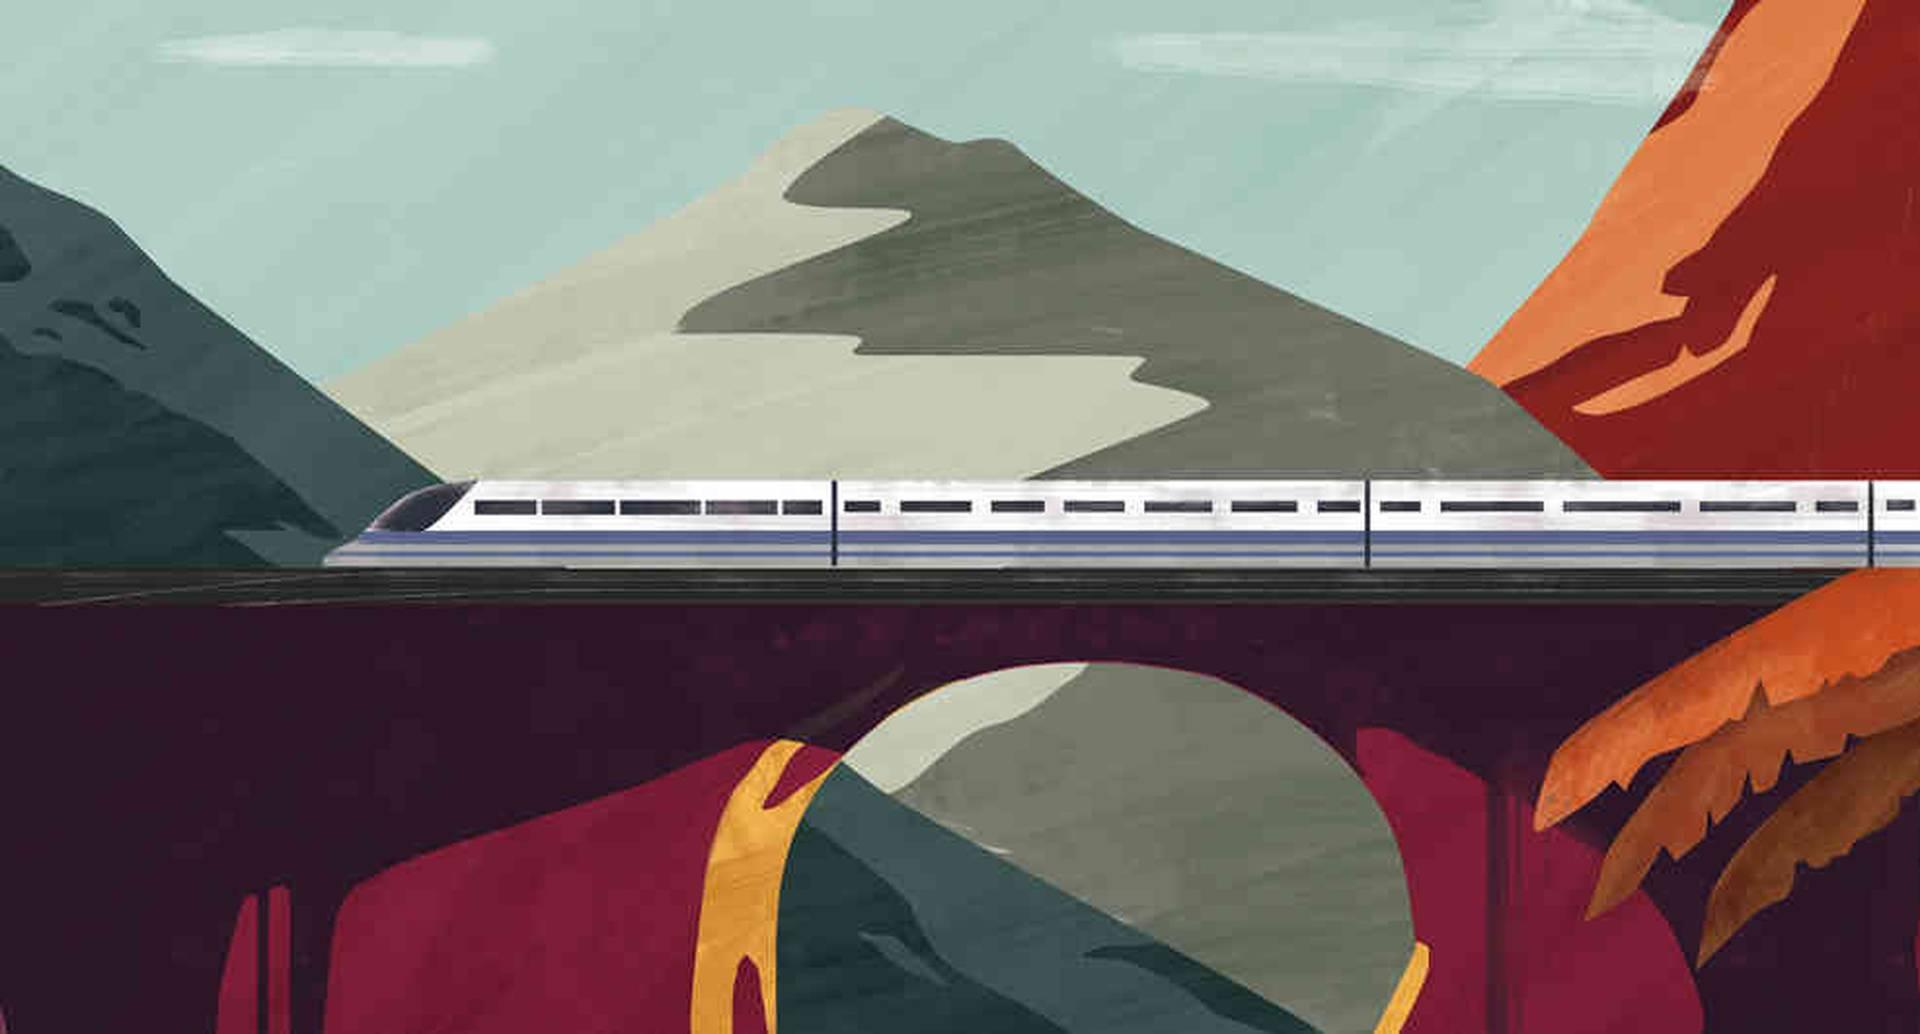 China construyó una línea de 13.000 kilómetros, la más larga del mundo.